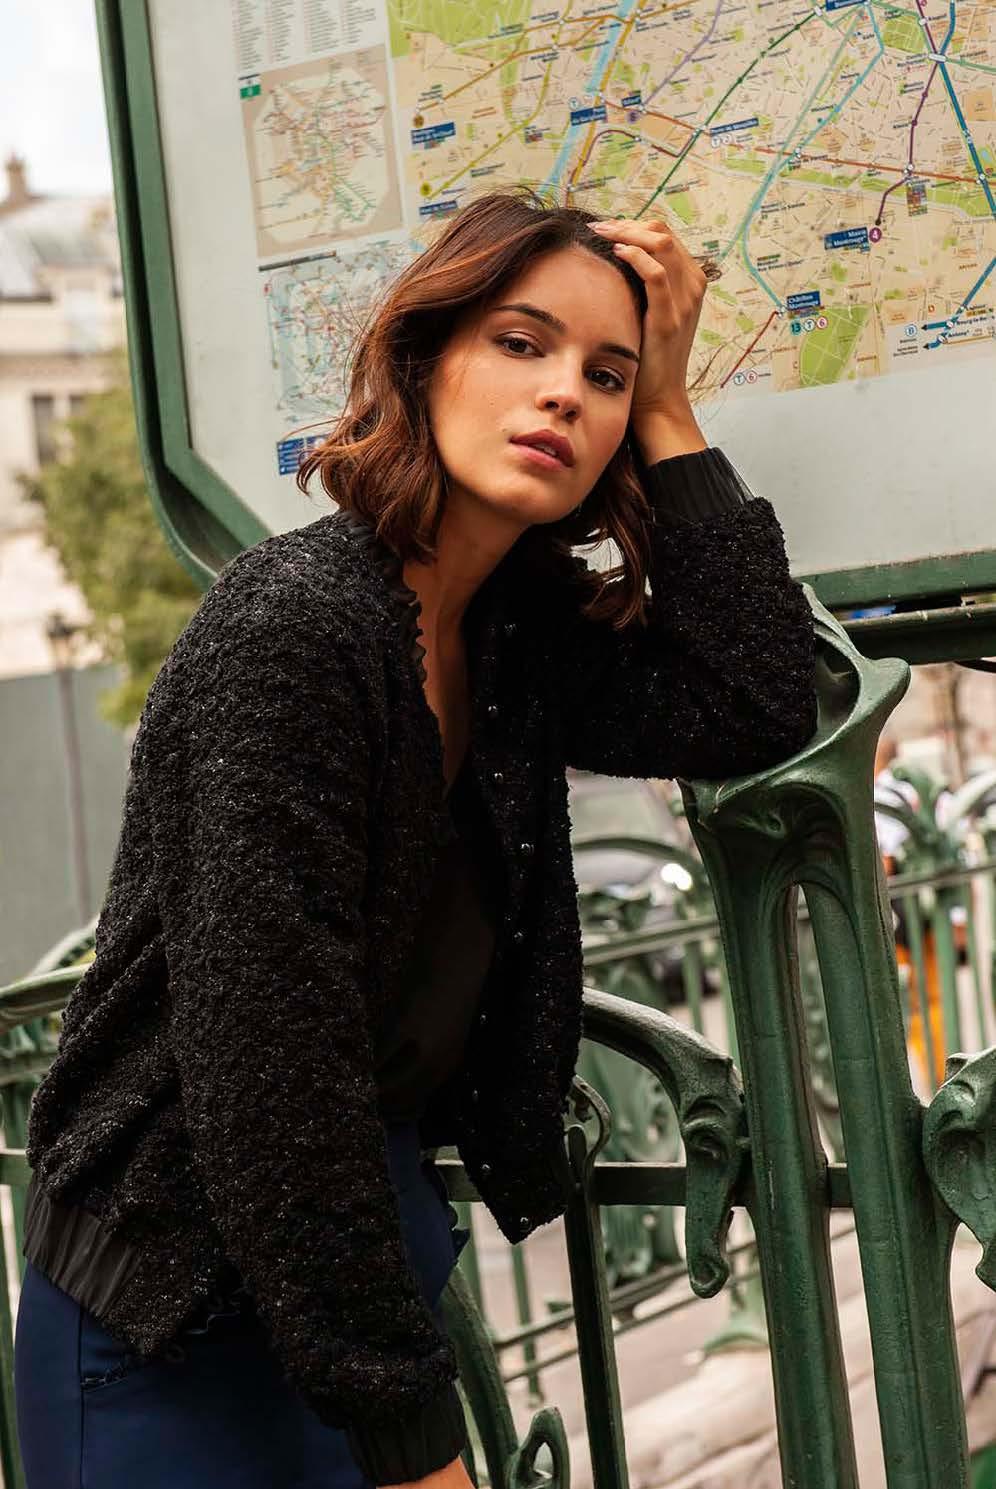 Paris24h_Page_04_Image_0001.jpg